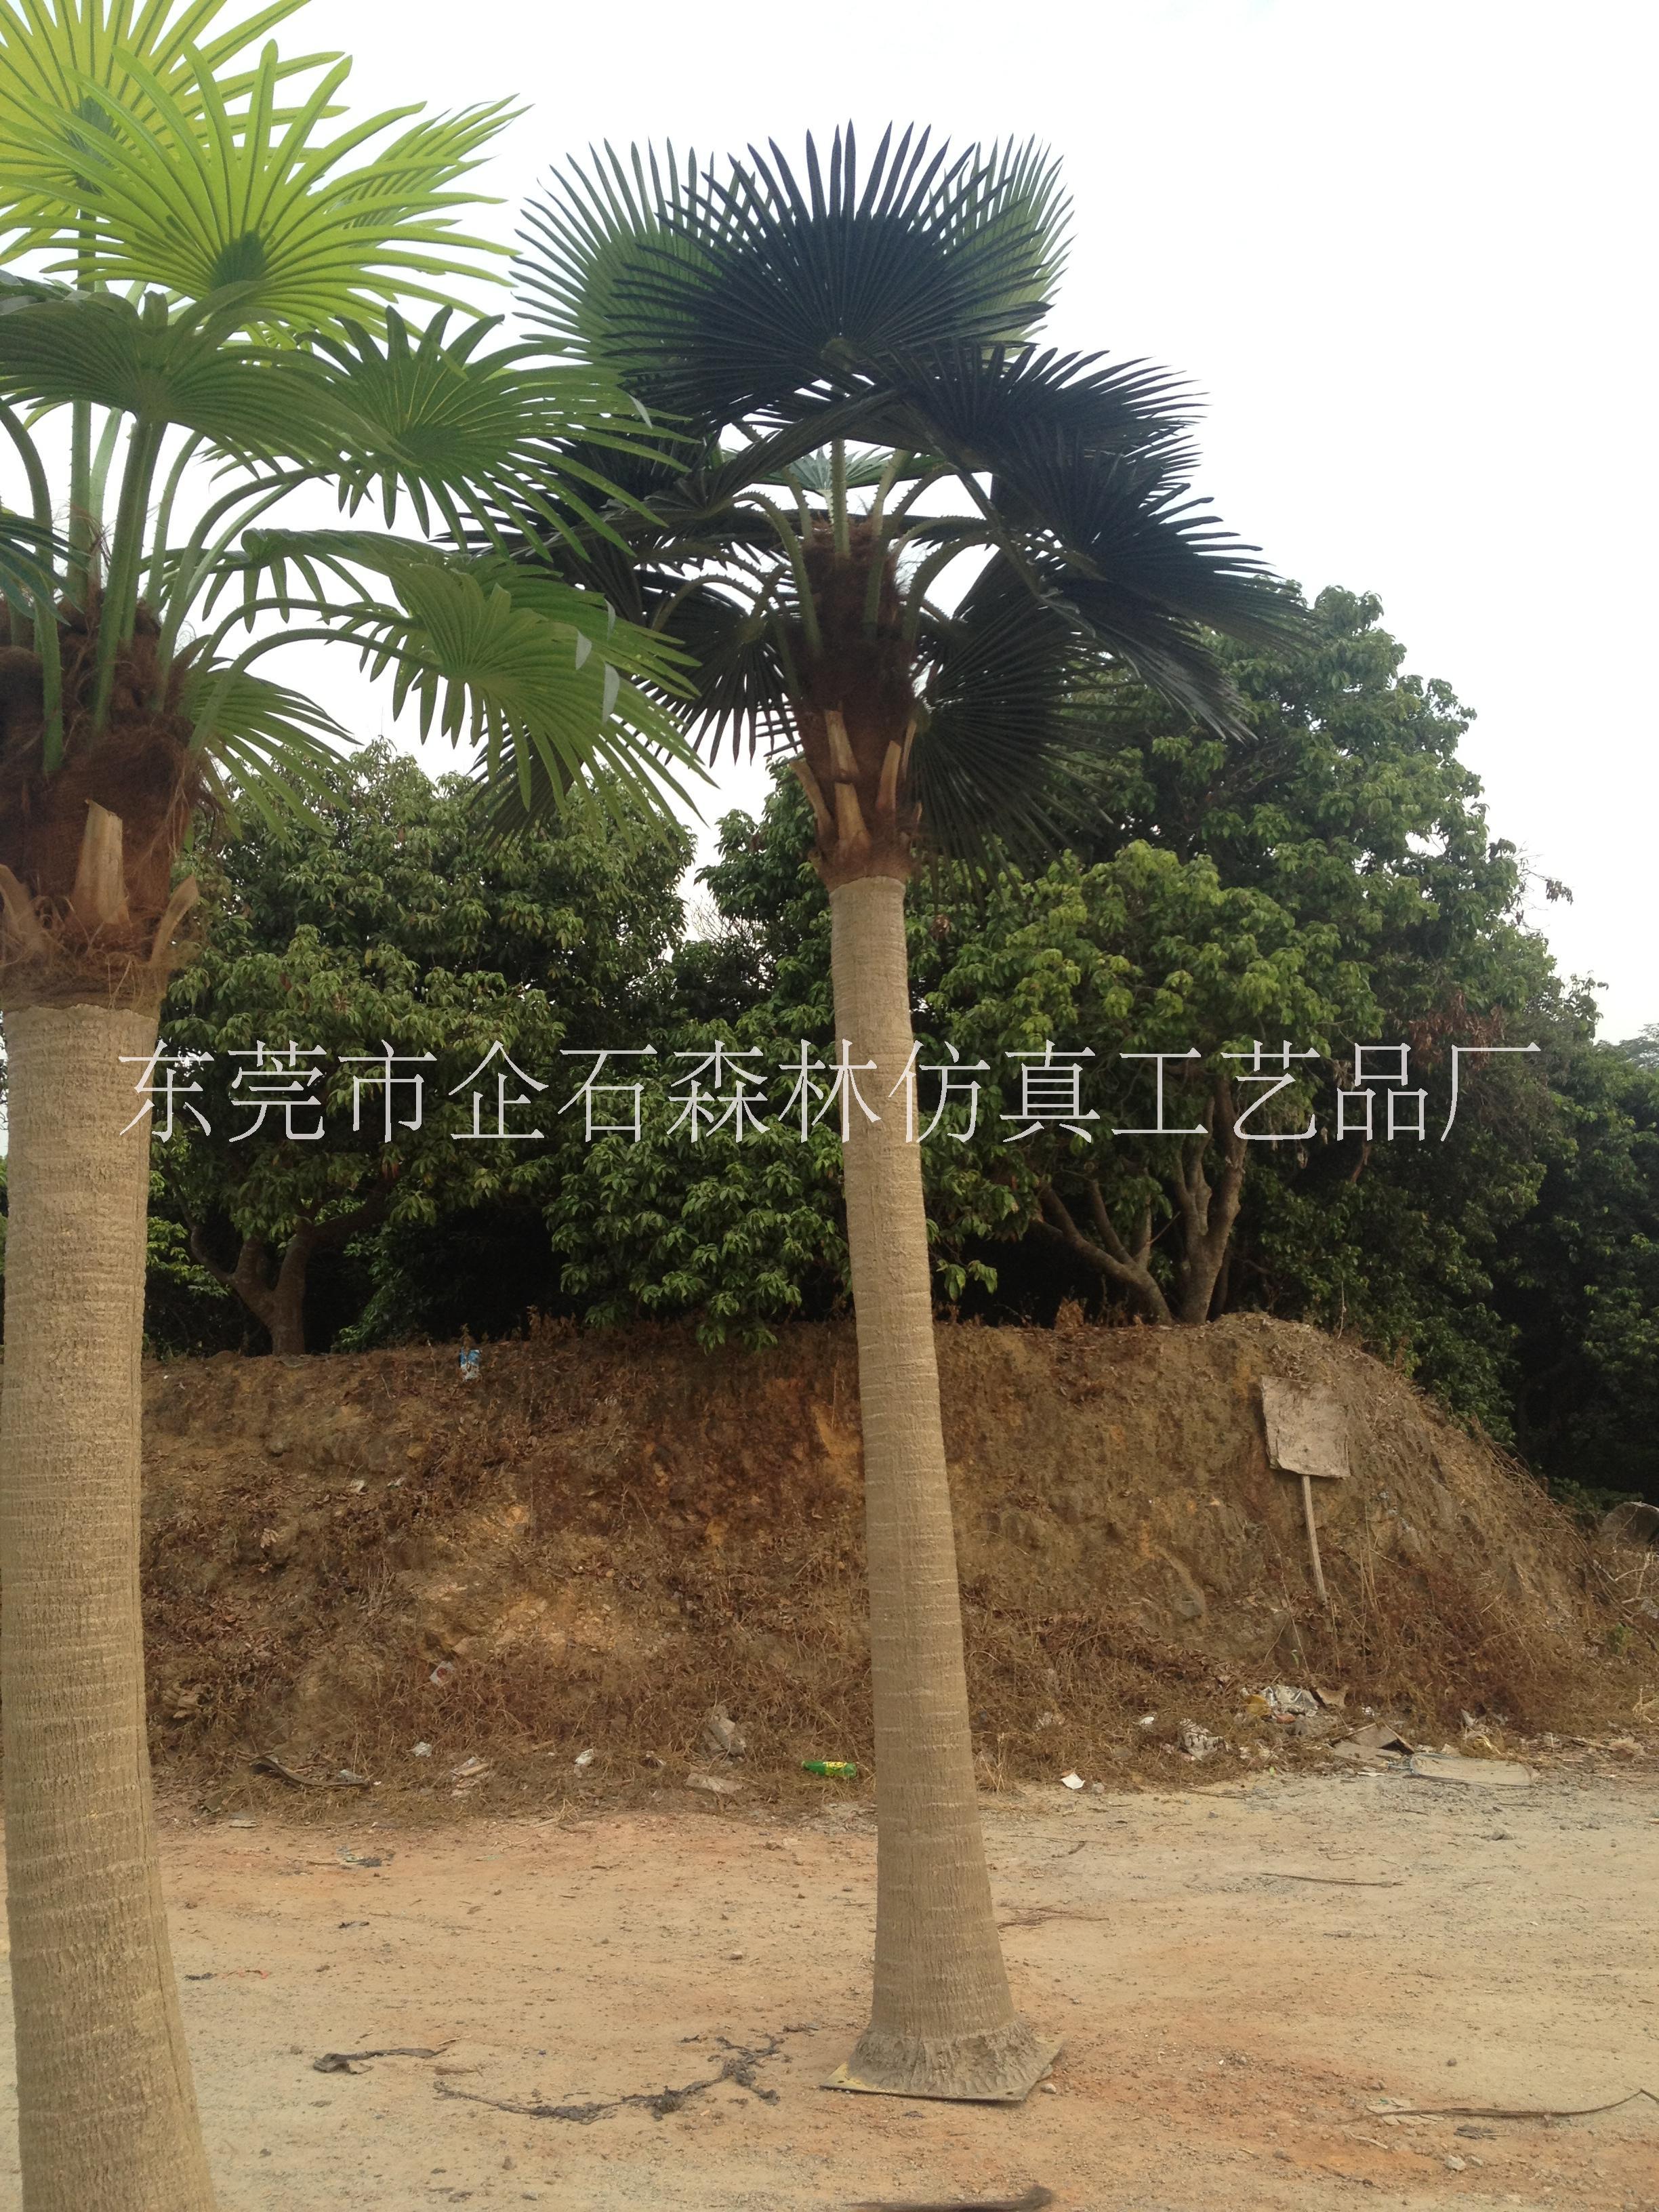 仿真棕榈树厂家直销仿真老人葵玻璃钢材质大树干可用10年扇葵树